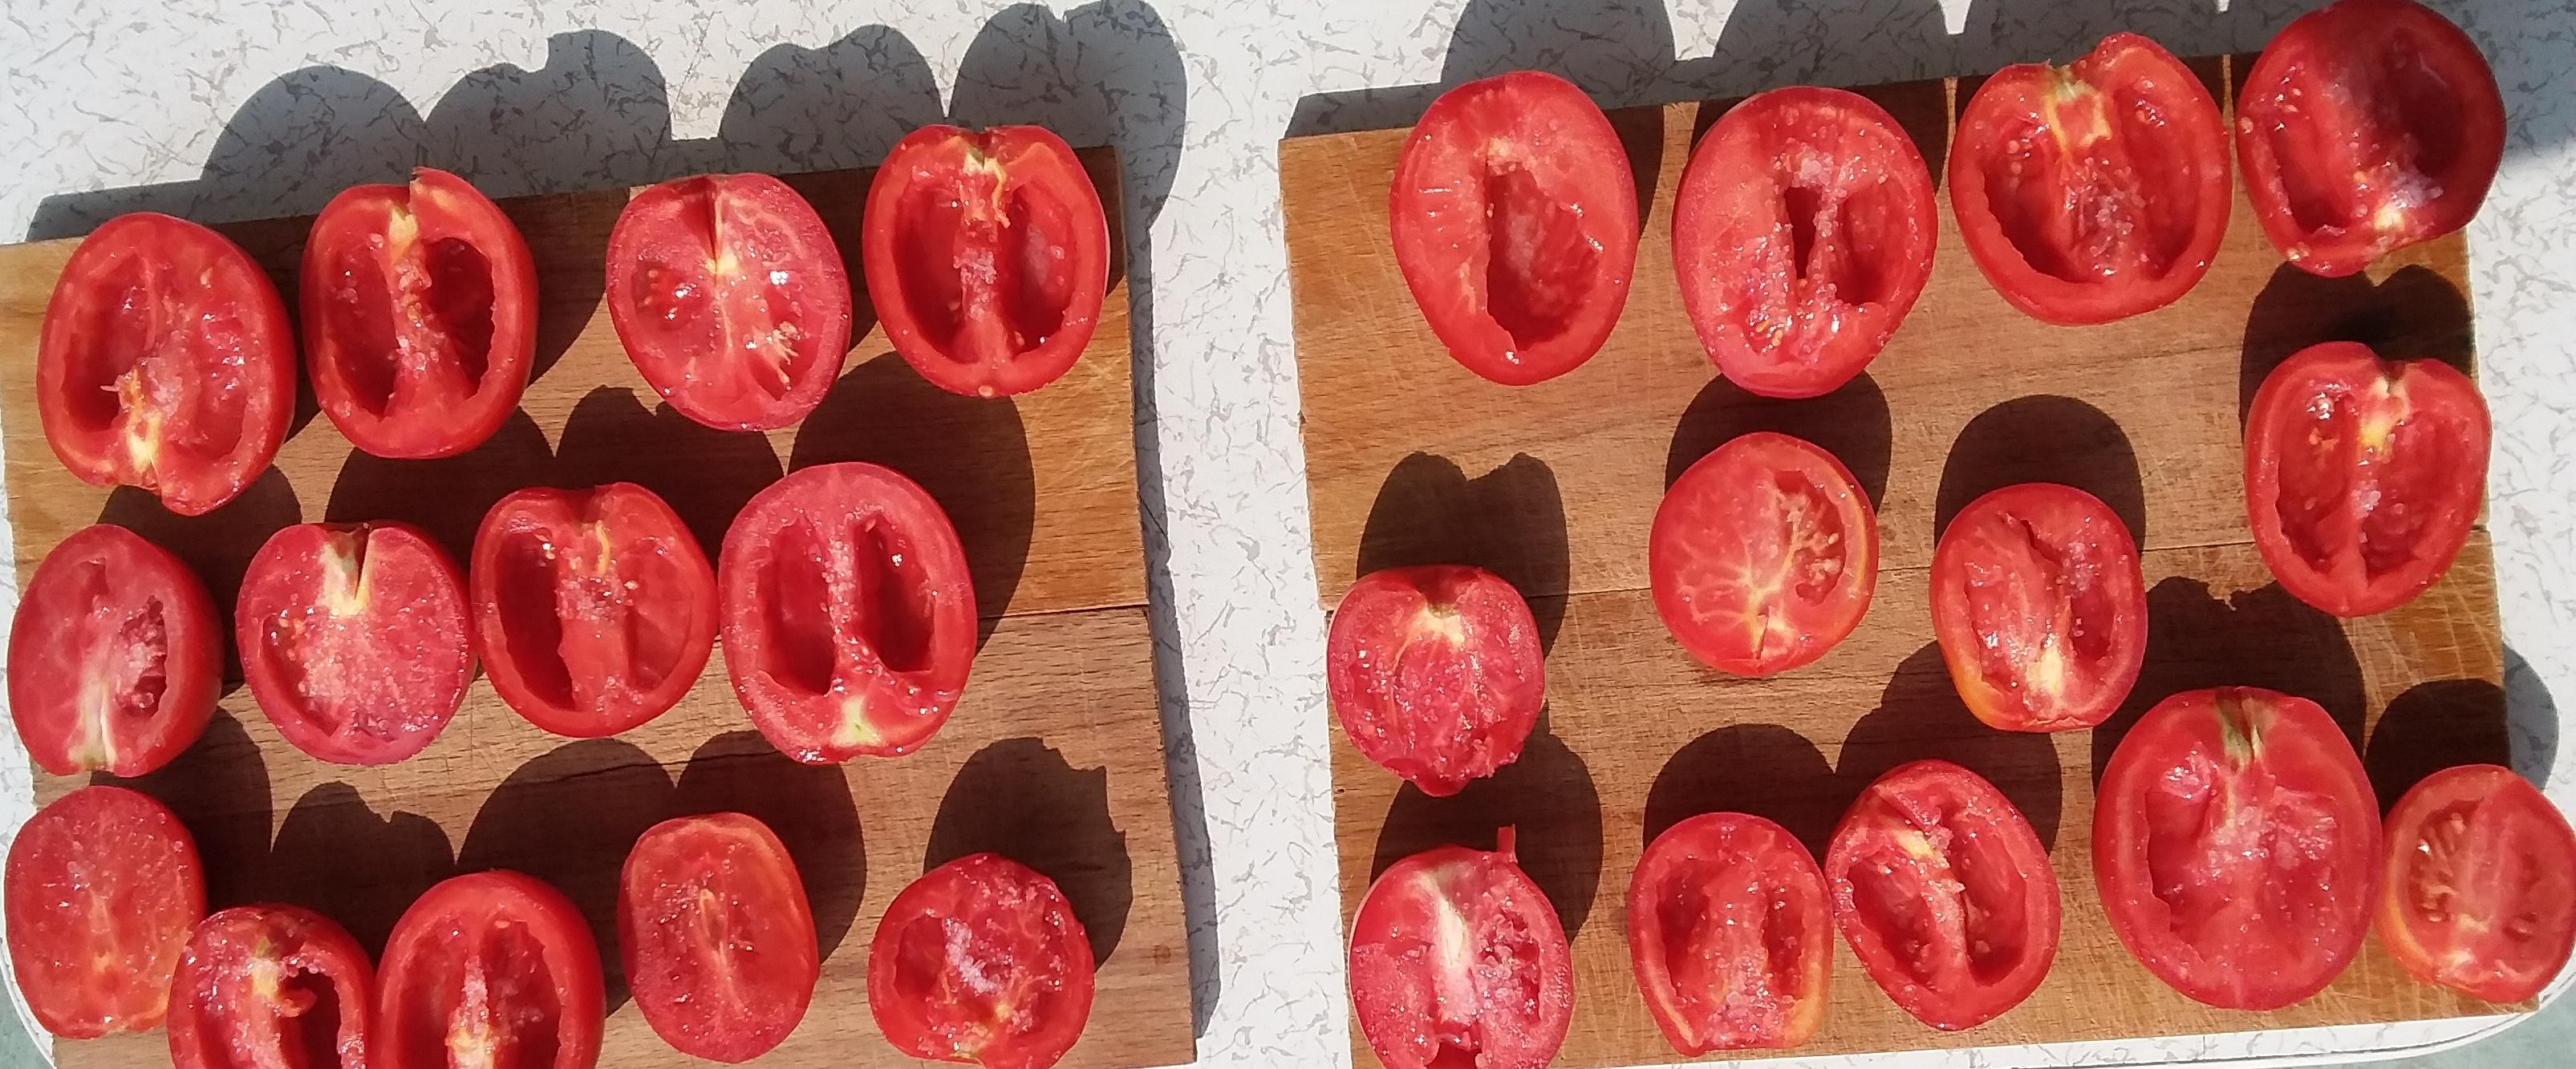 drying tomato